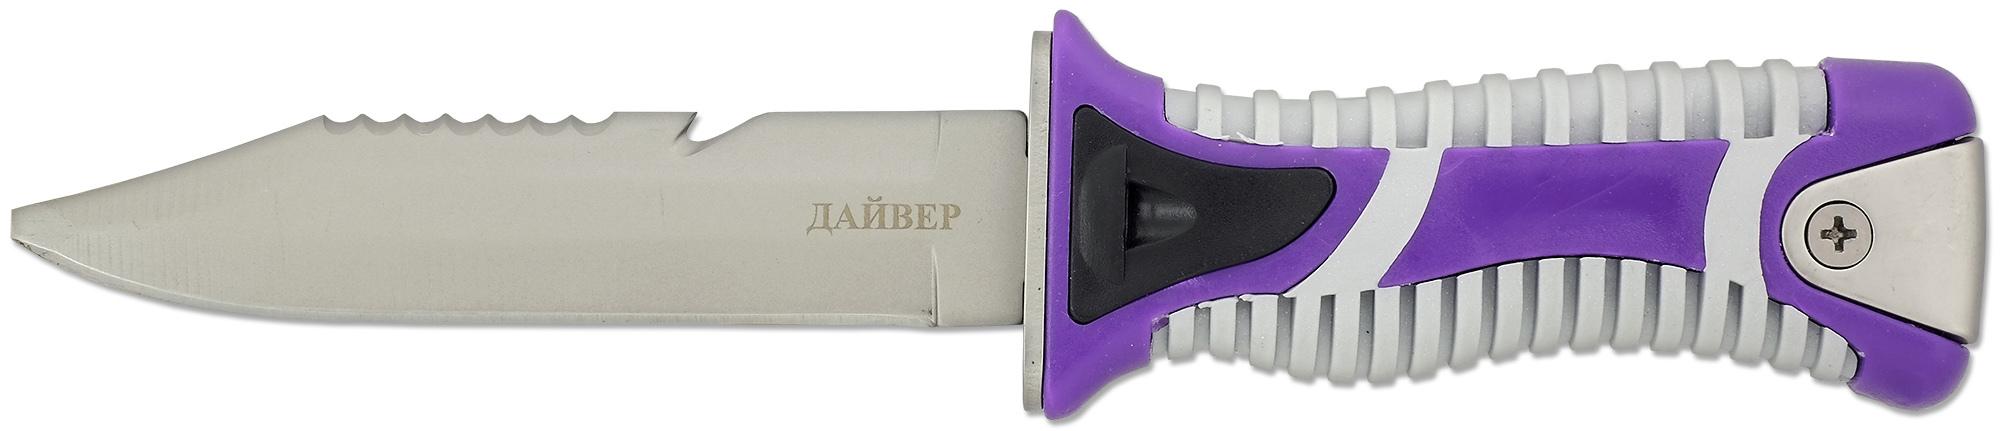 Нож подводный с пластиковыми ножнами на бедро Дайвер, H-118S нож складной охотничий ножемир с ножнами общая длина 30 3 см